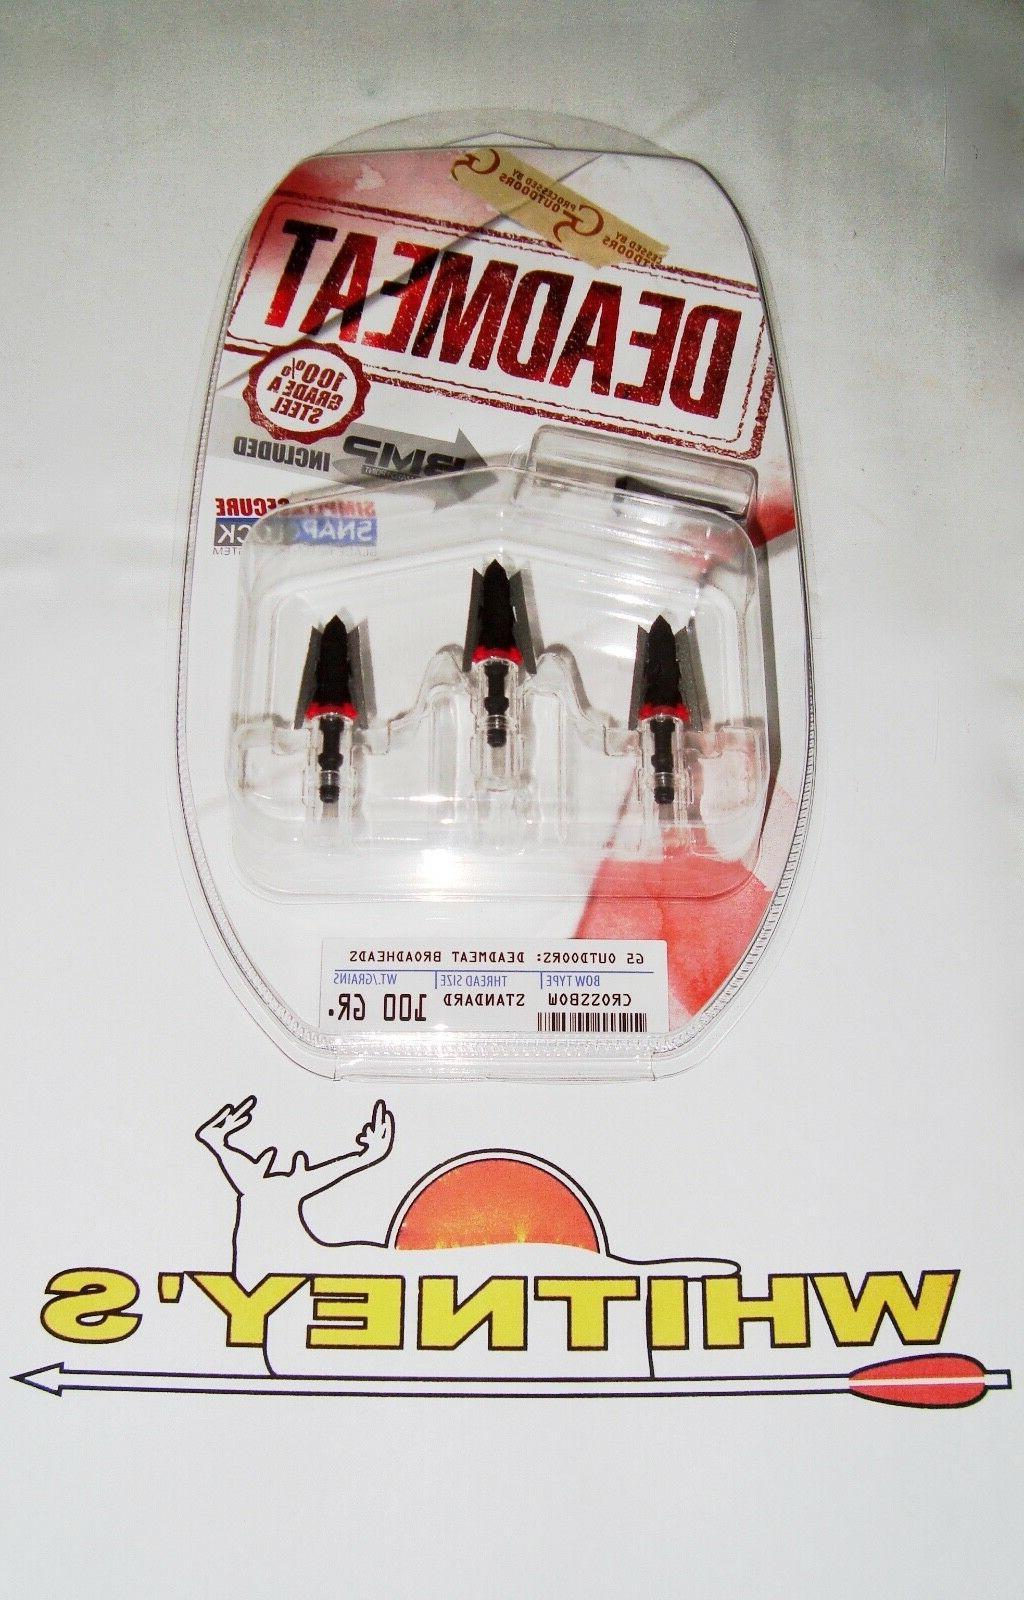 G5 DEADMEAT / DEAD MEAT - Crossbow Broadheads 100% - Grade A